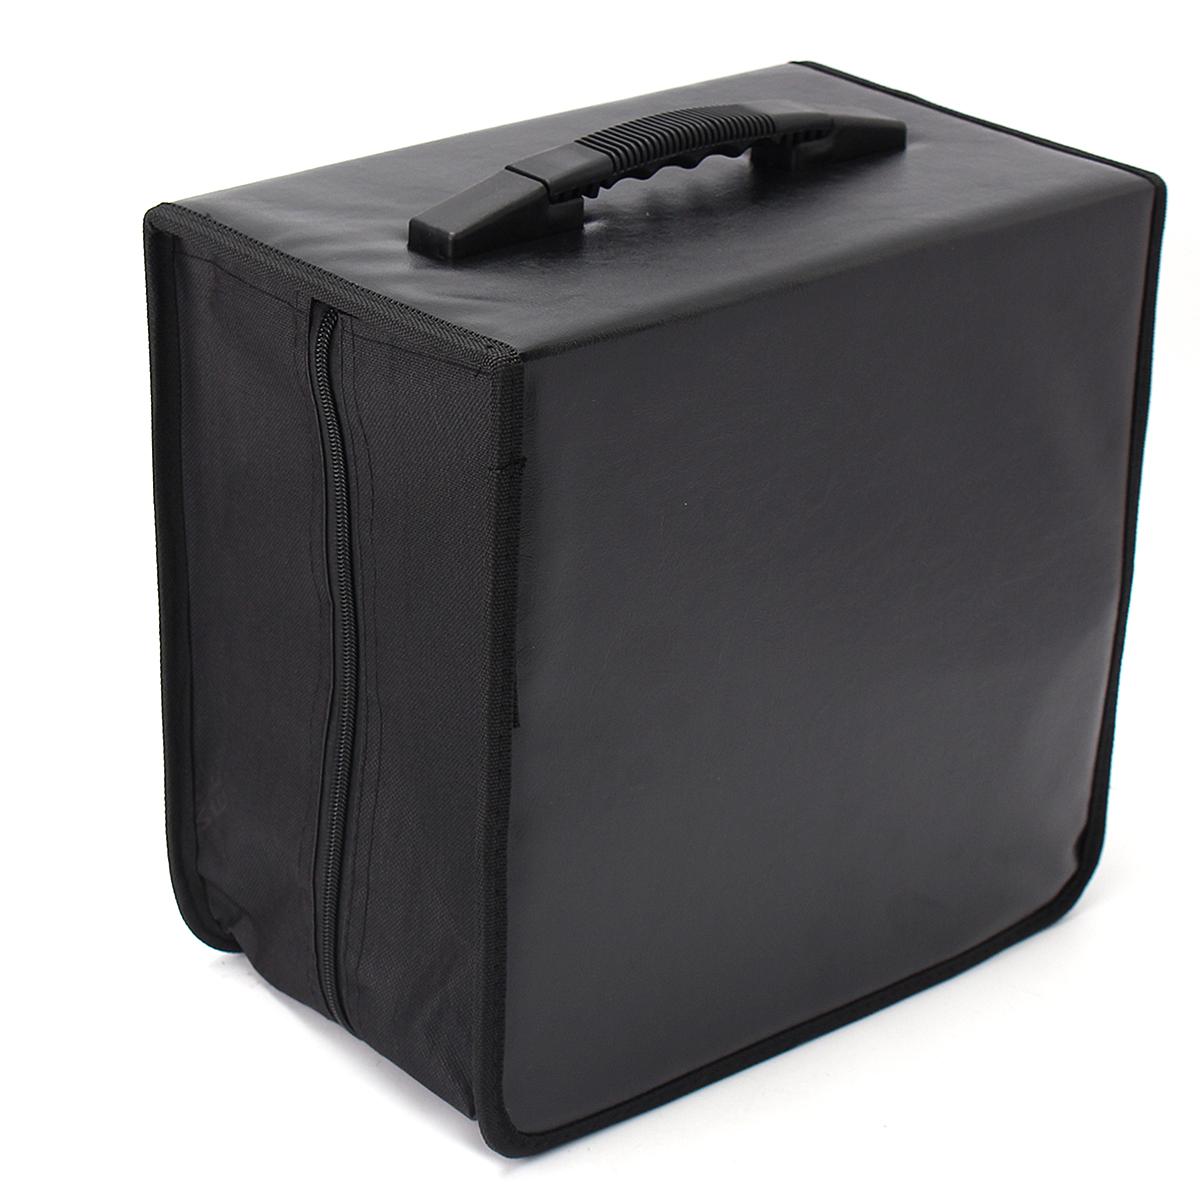 2518bd6c1ae3 520 Discs CD DVD DJ Wallet Holder Bag Case Album Organizer Media Storage